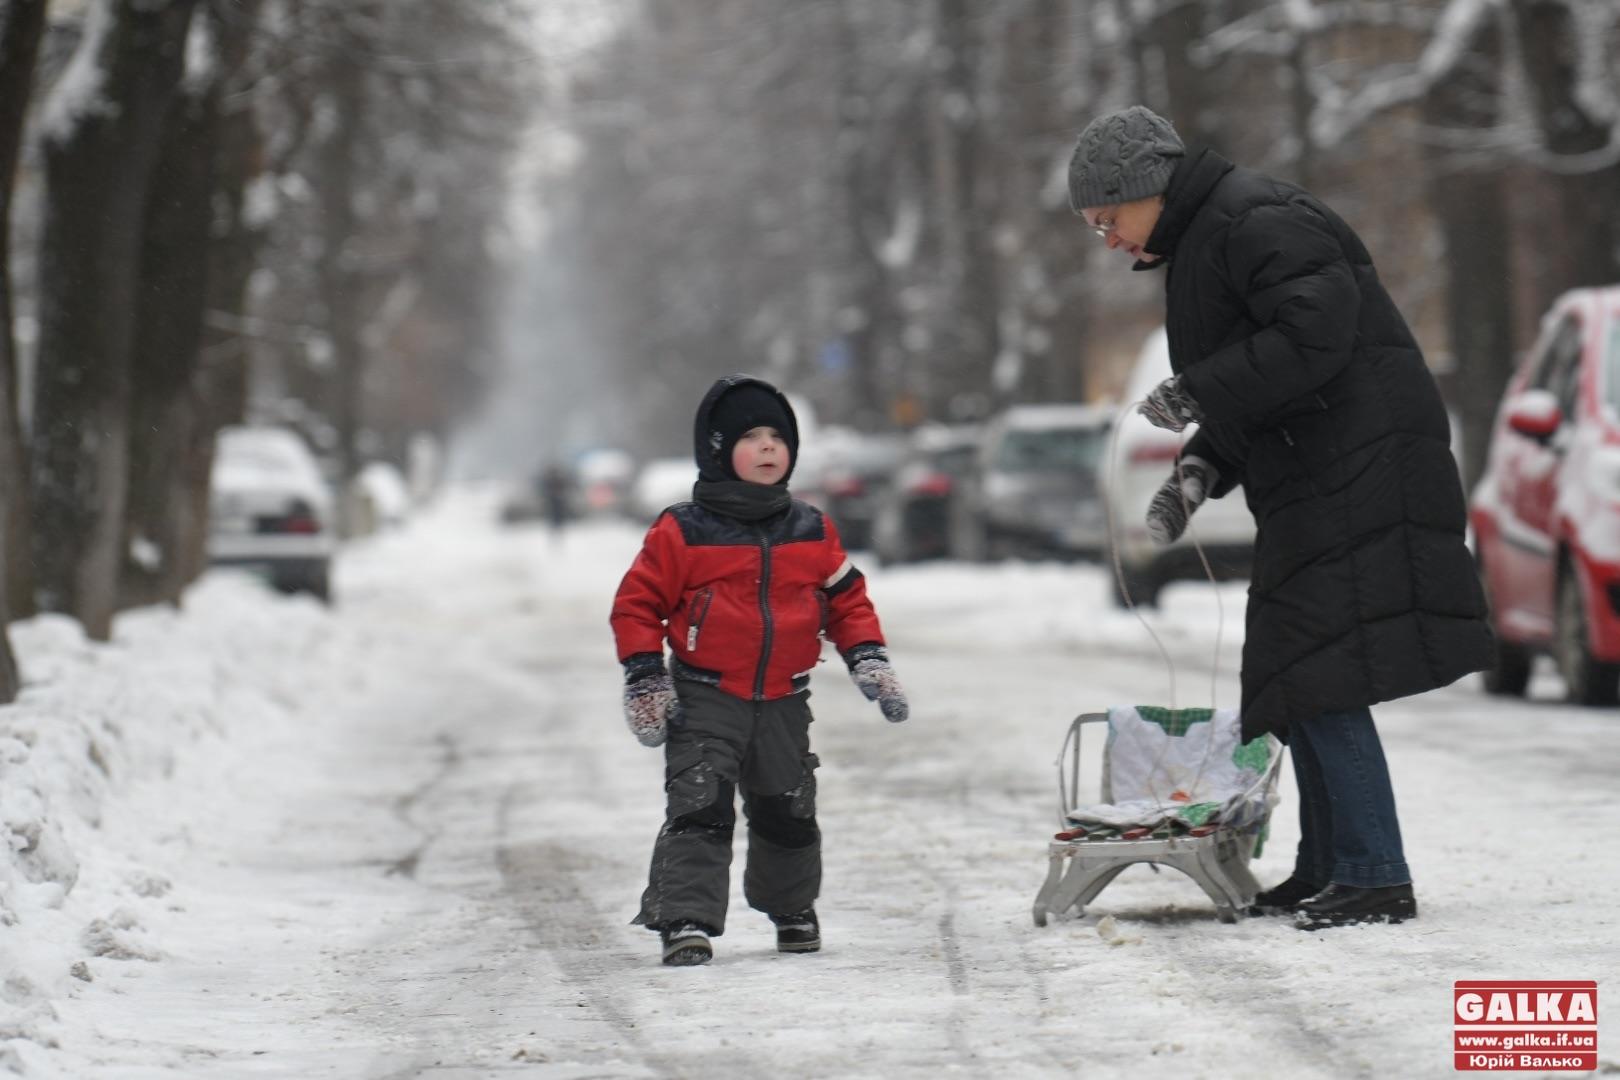 Вхурделило: як виглядає місто під час найбільшого снігопаду цієї зими (ФОТО)